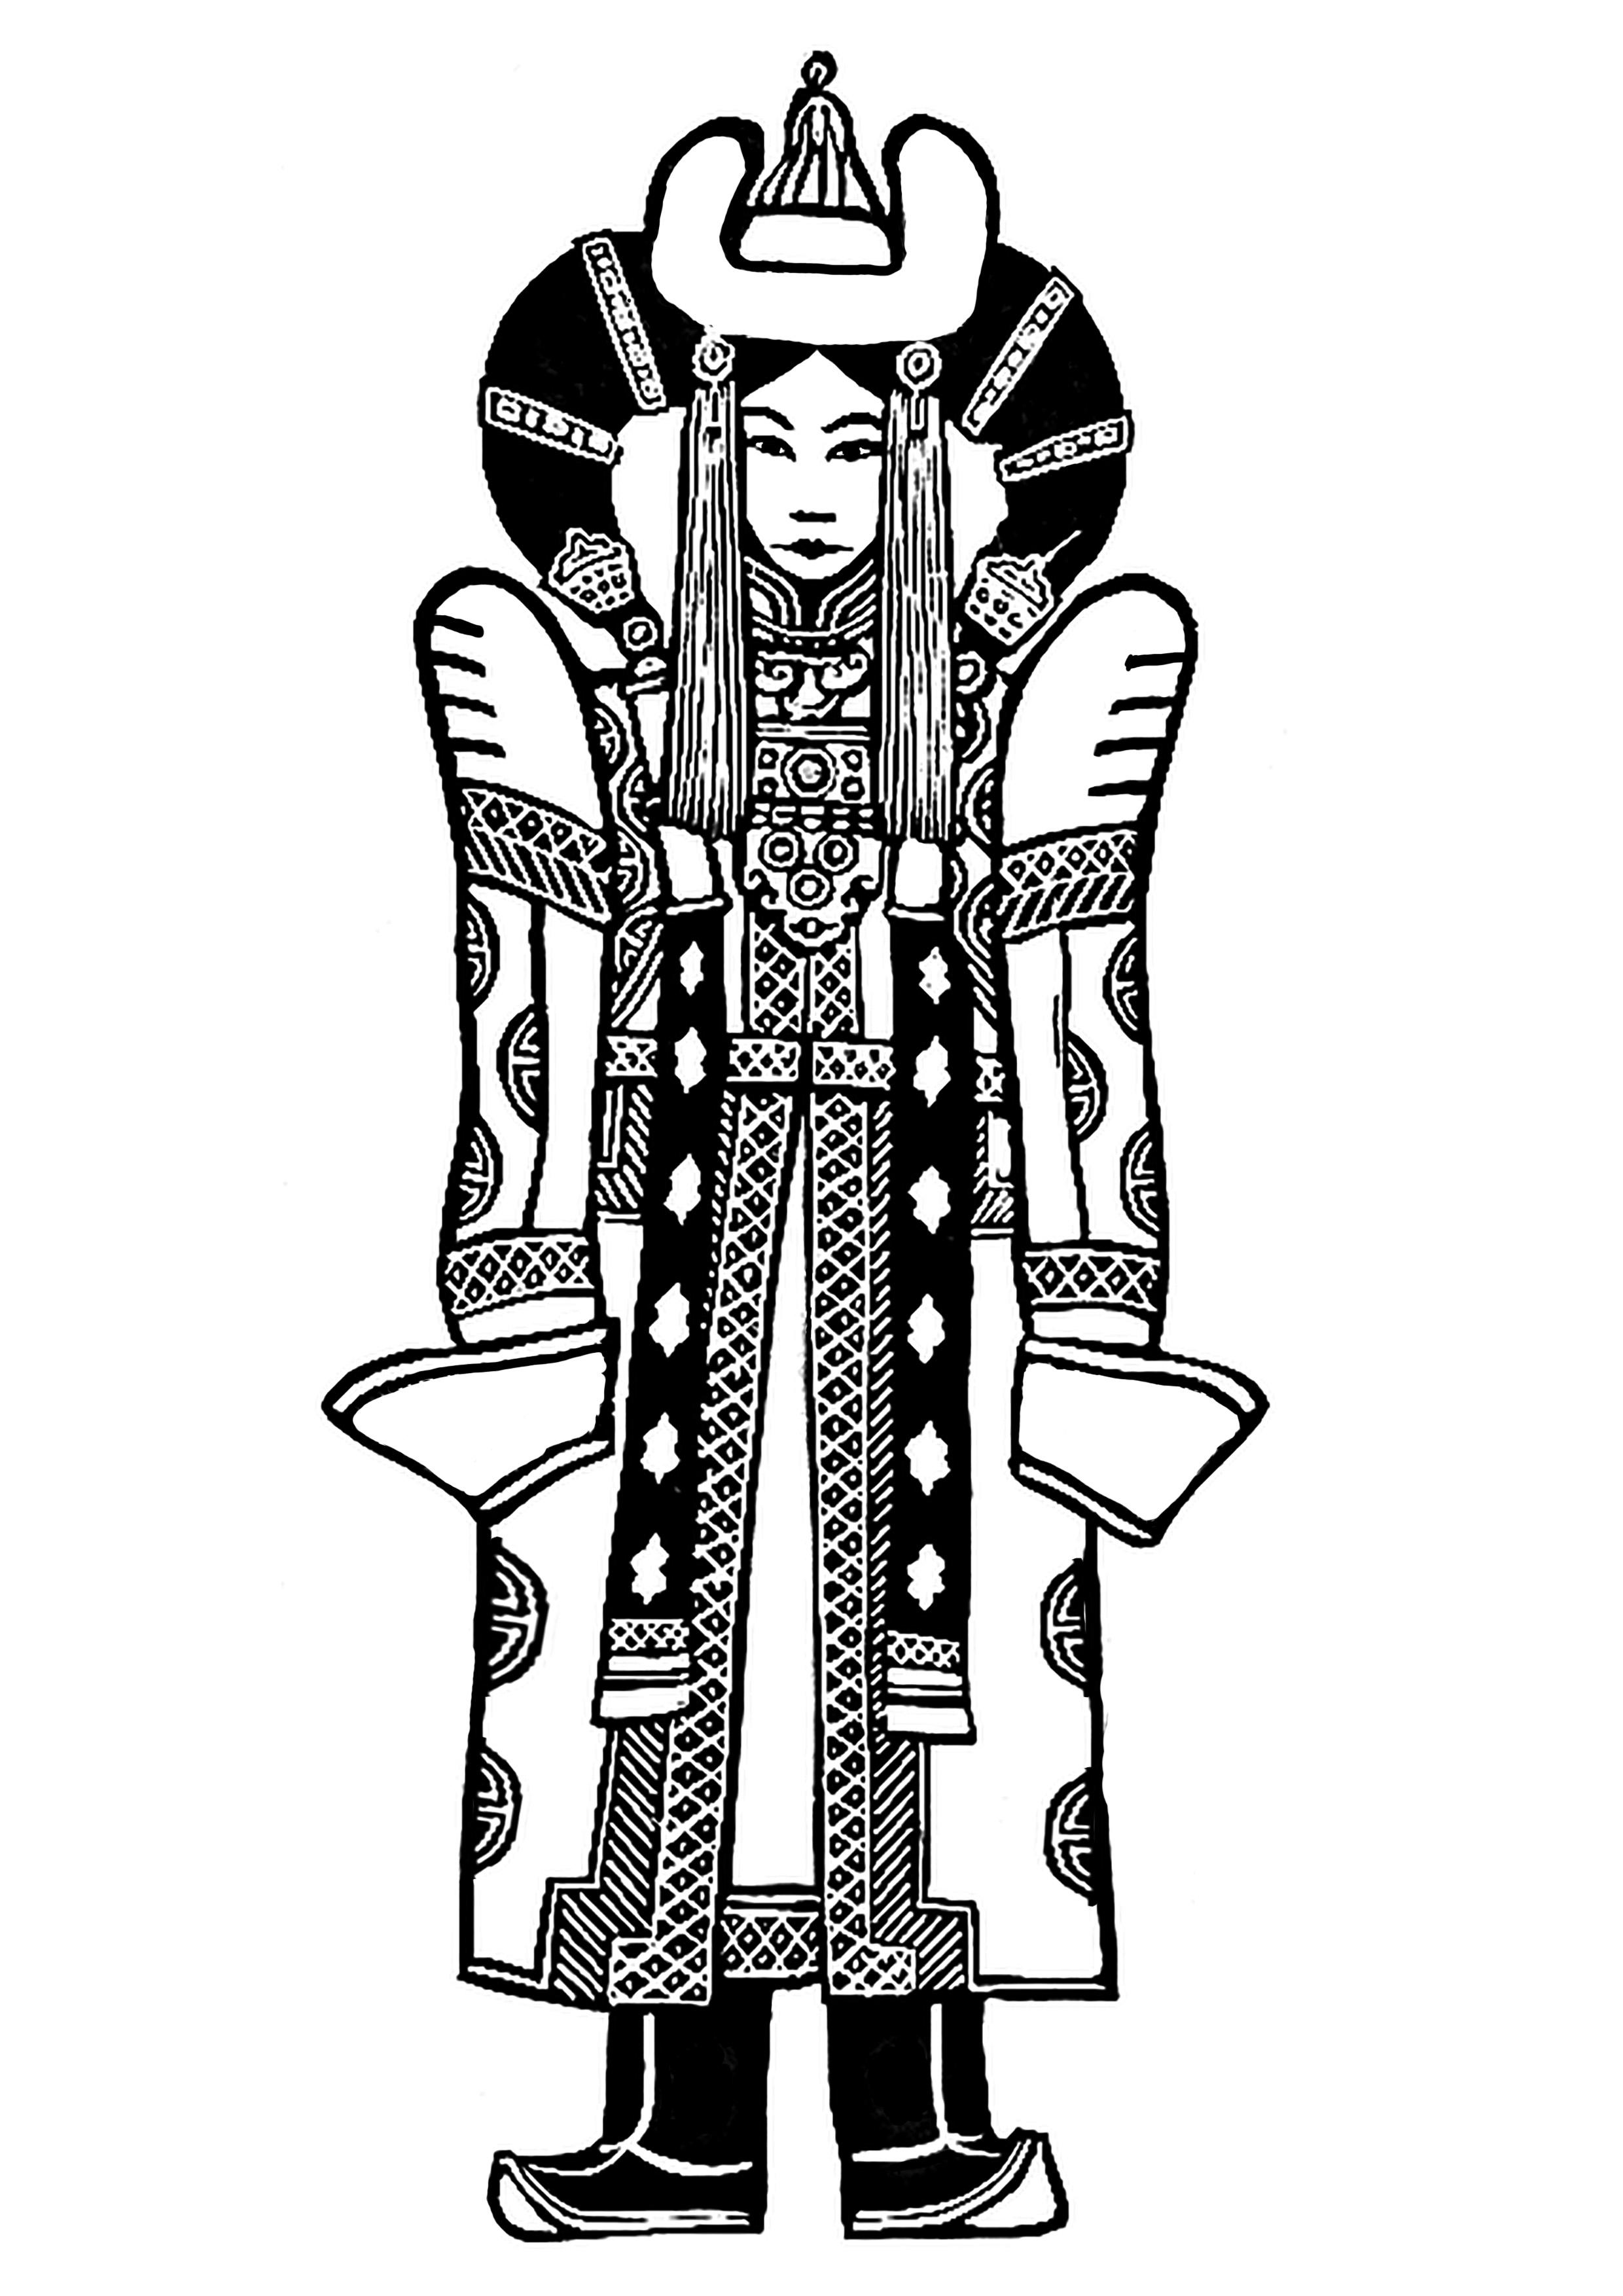 Tenue traditionnelle et impériale Mongole (11e / 12e siècle). A inspiré Georges Lucas pour la tenue de Padmé dans Star Wars Episode 1 !A partir de la galerie : Chine Asie